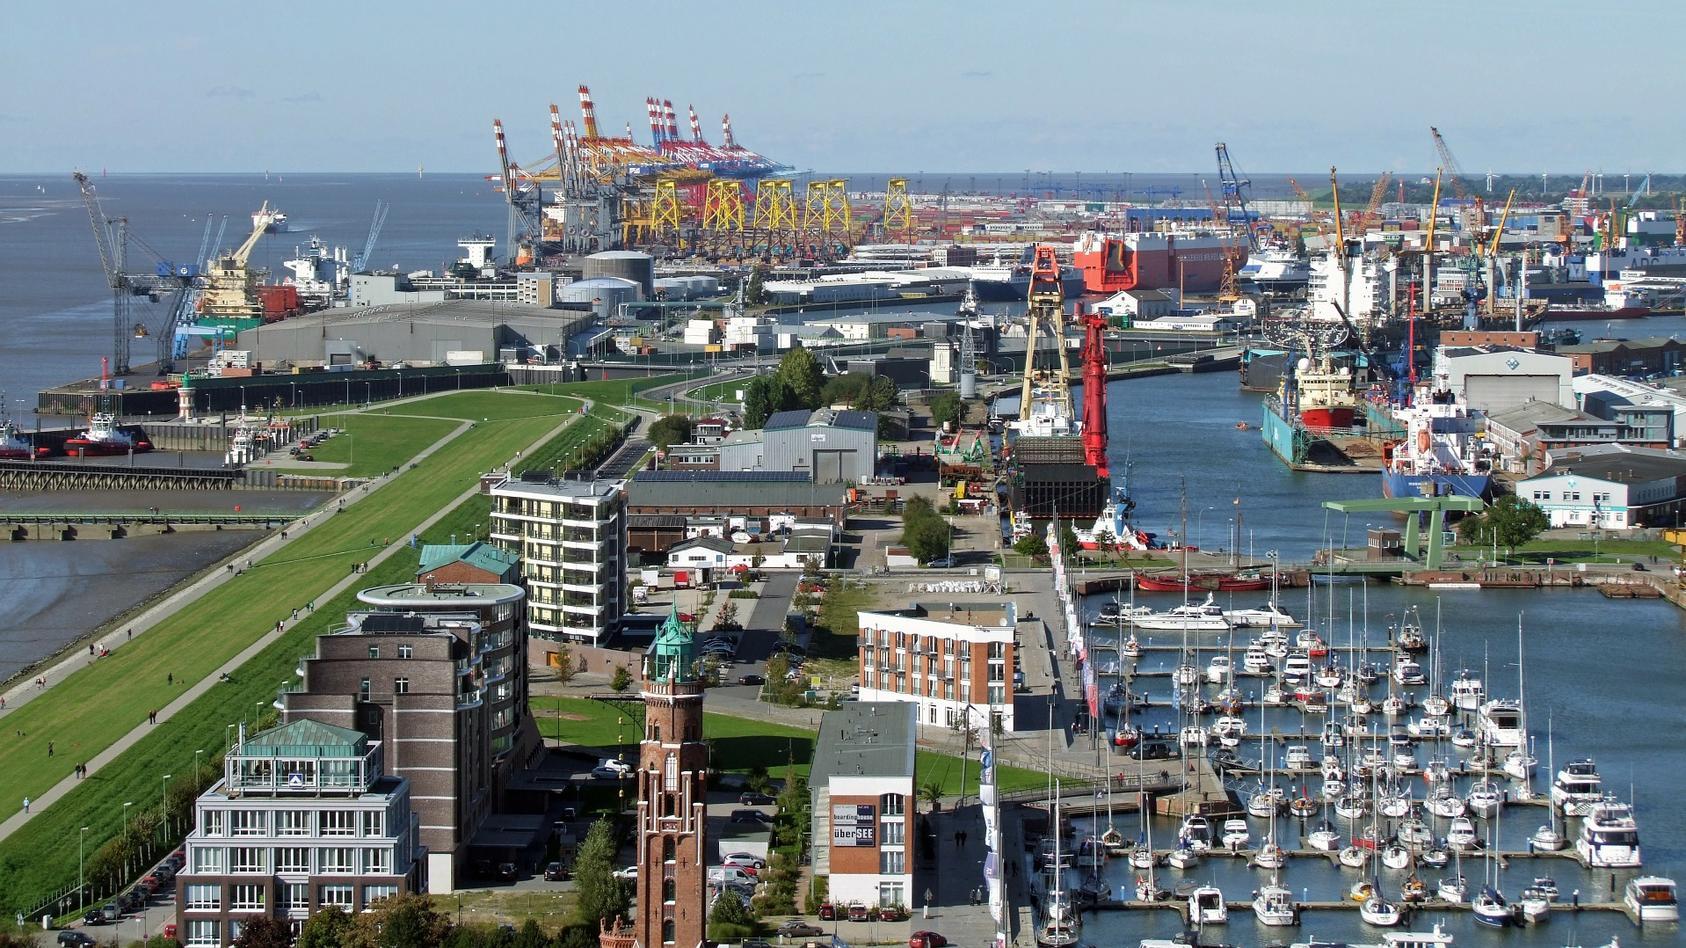 in-bremerhaven-ist-die-7-tage-inzidenz-mit-2466-noch-immer-hoch-auch-die-hospitalisierungsinzidenz-liegt-bei-mehr-als-7